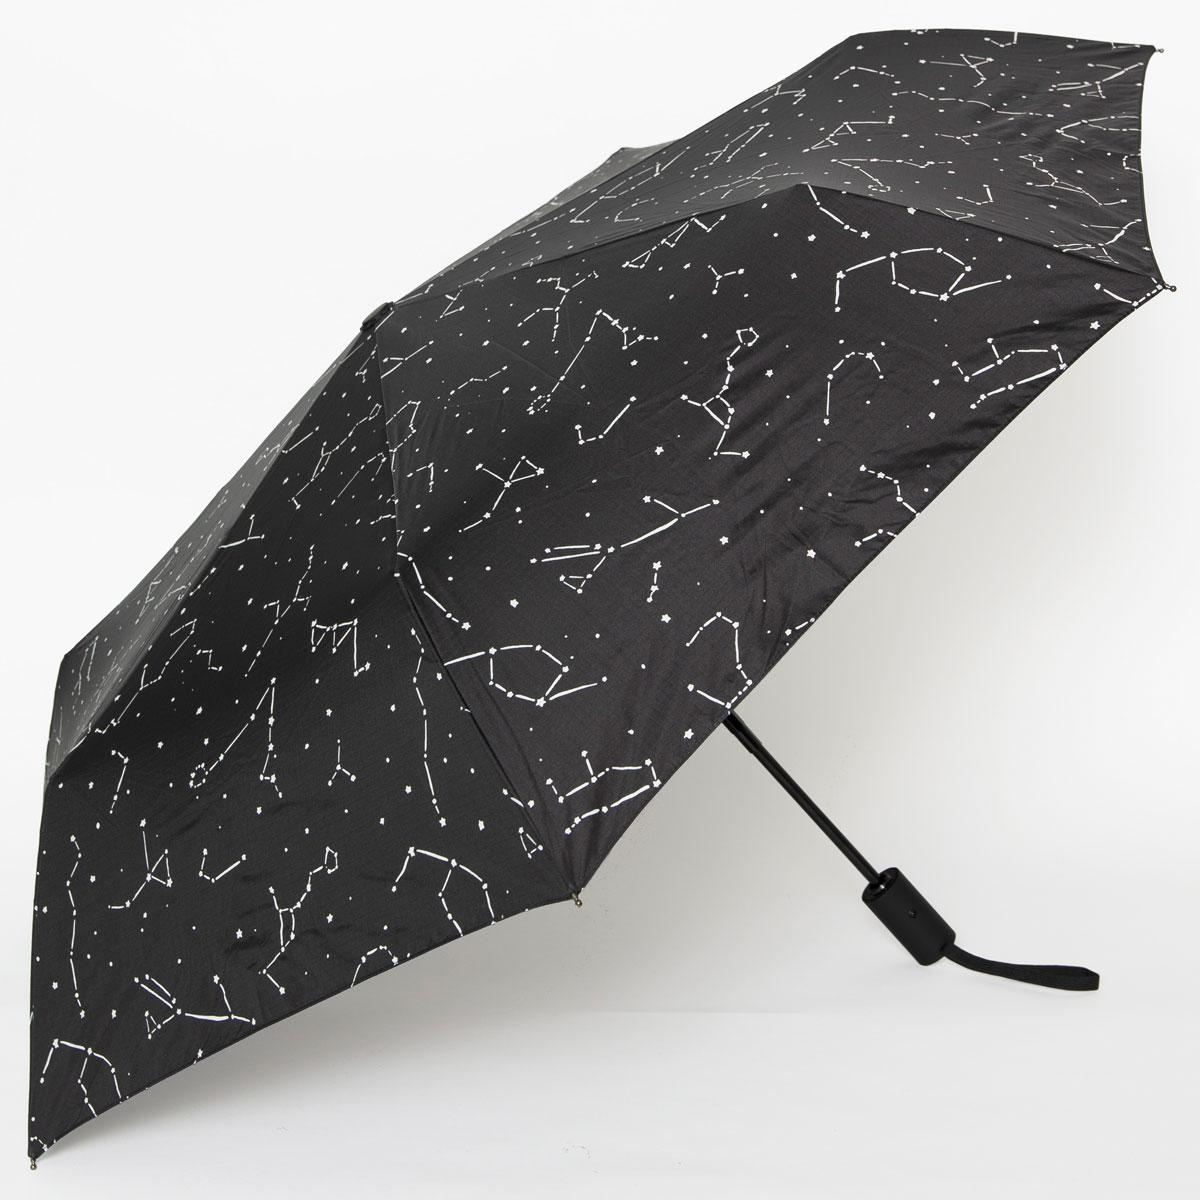 折りたたみ傘 BAGGU UMBRELLA AUTO レディース メンズ 男女兼用 自動開閉式 折り畳み傘 バグゥ アンブレラオート コンステレーション(星座)